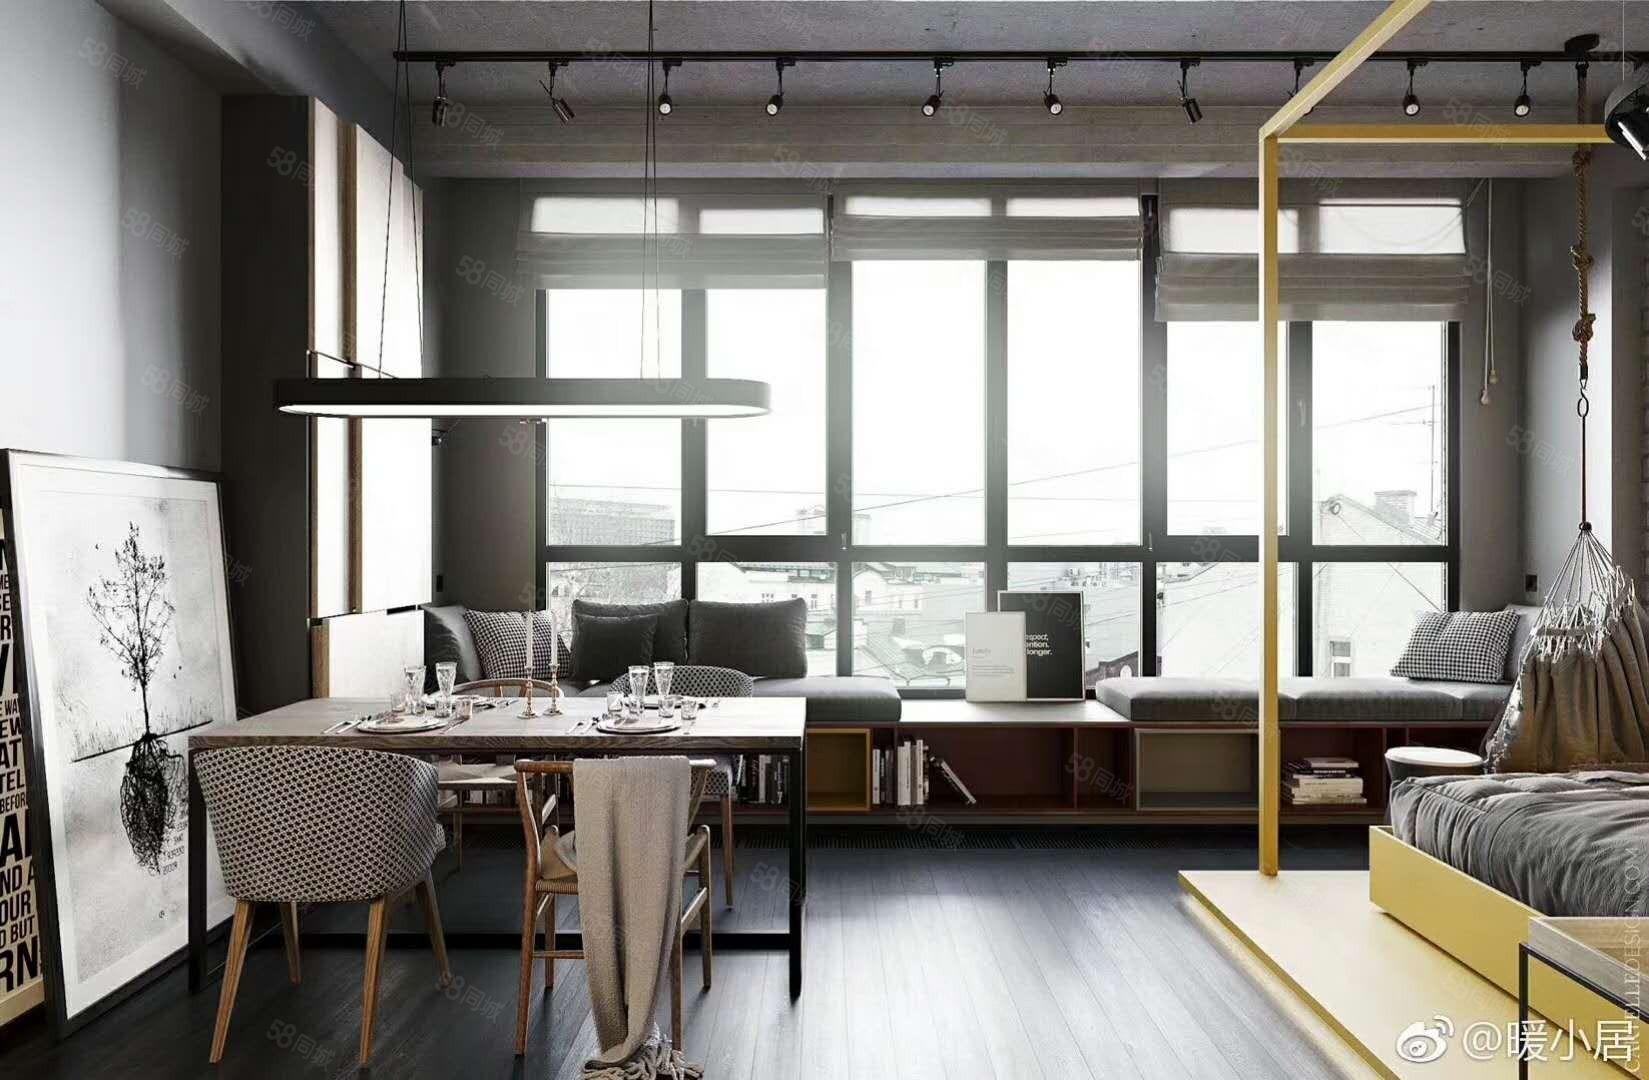 酒店公寓整层820平米,20间房322万,价格比住房低!